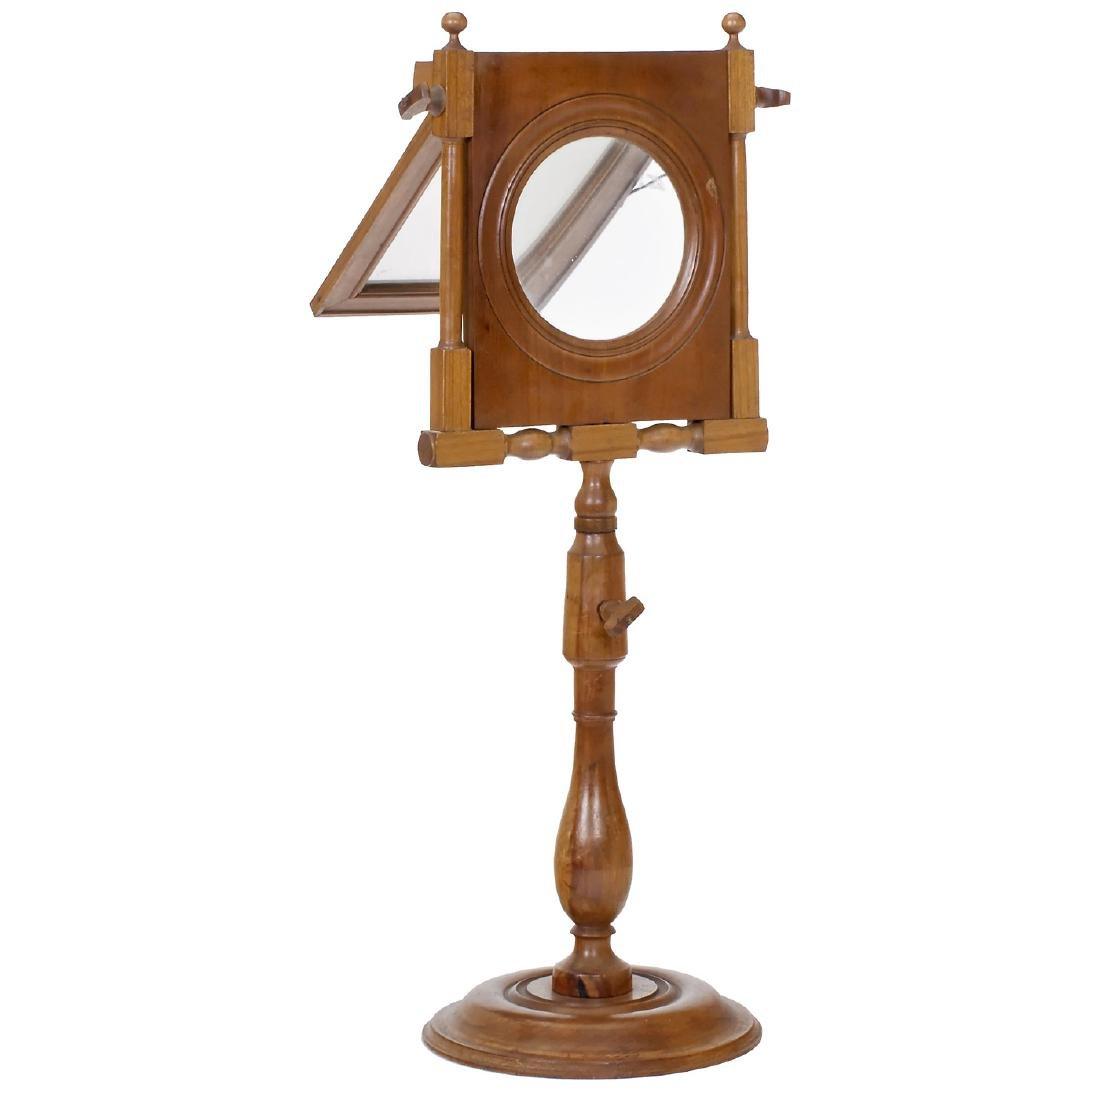 L'Optique Zograscope, c. 1800